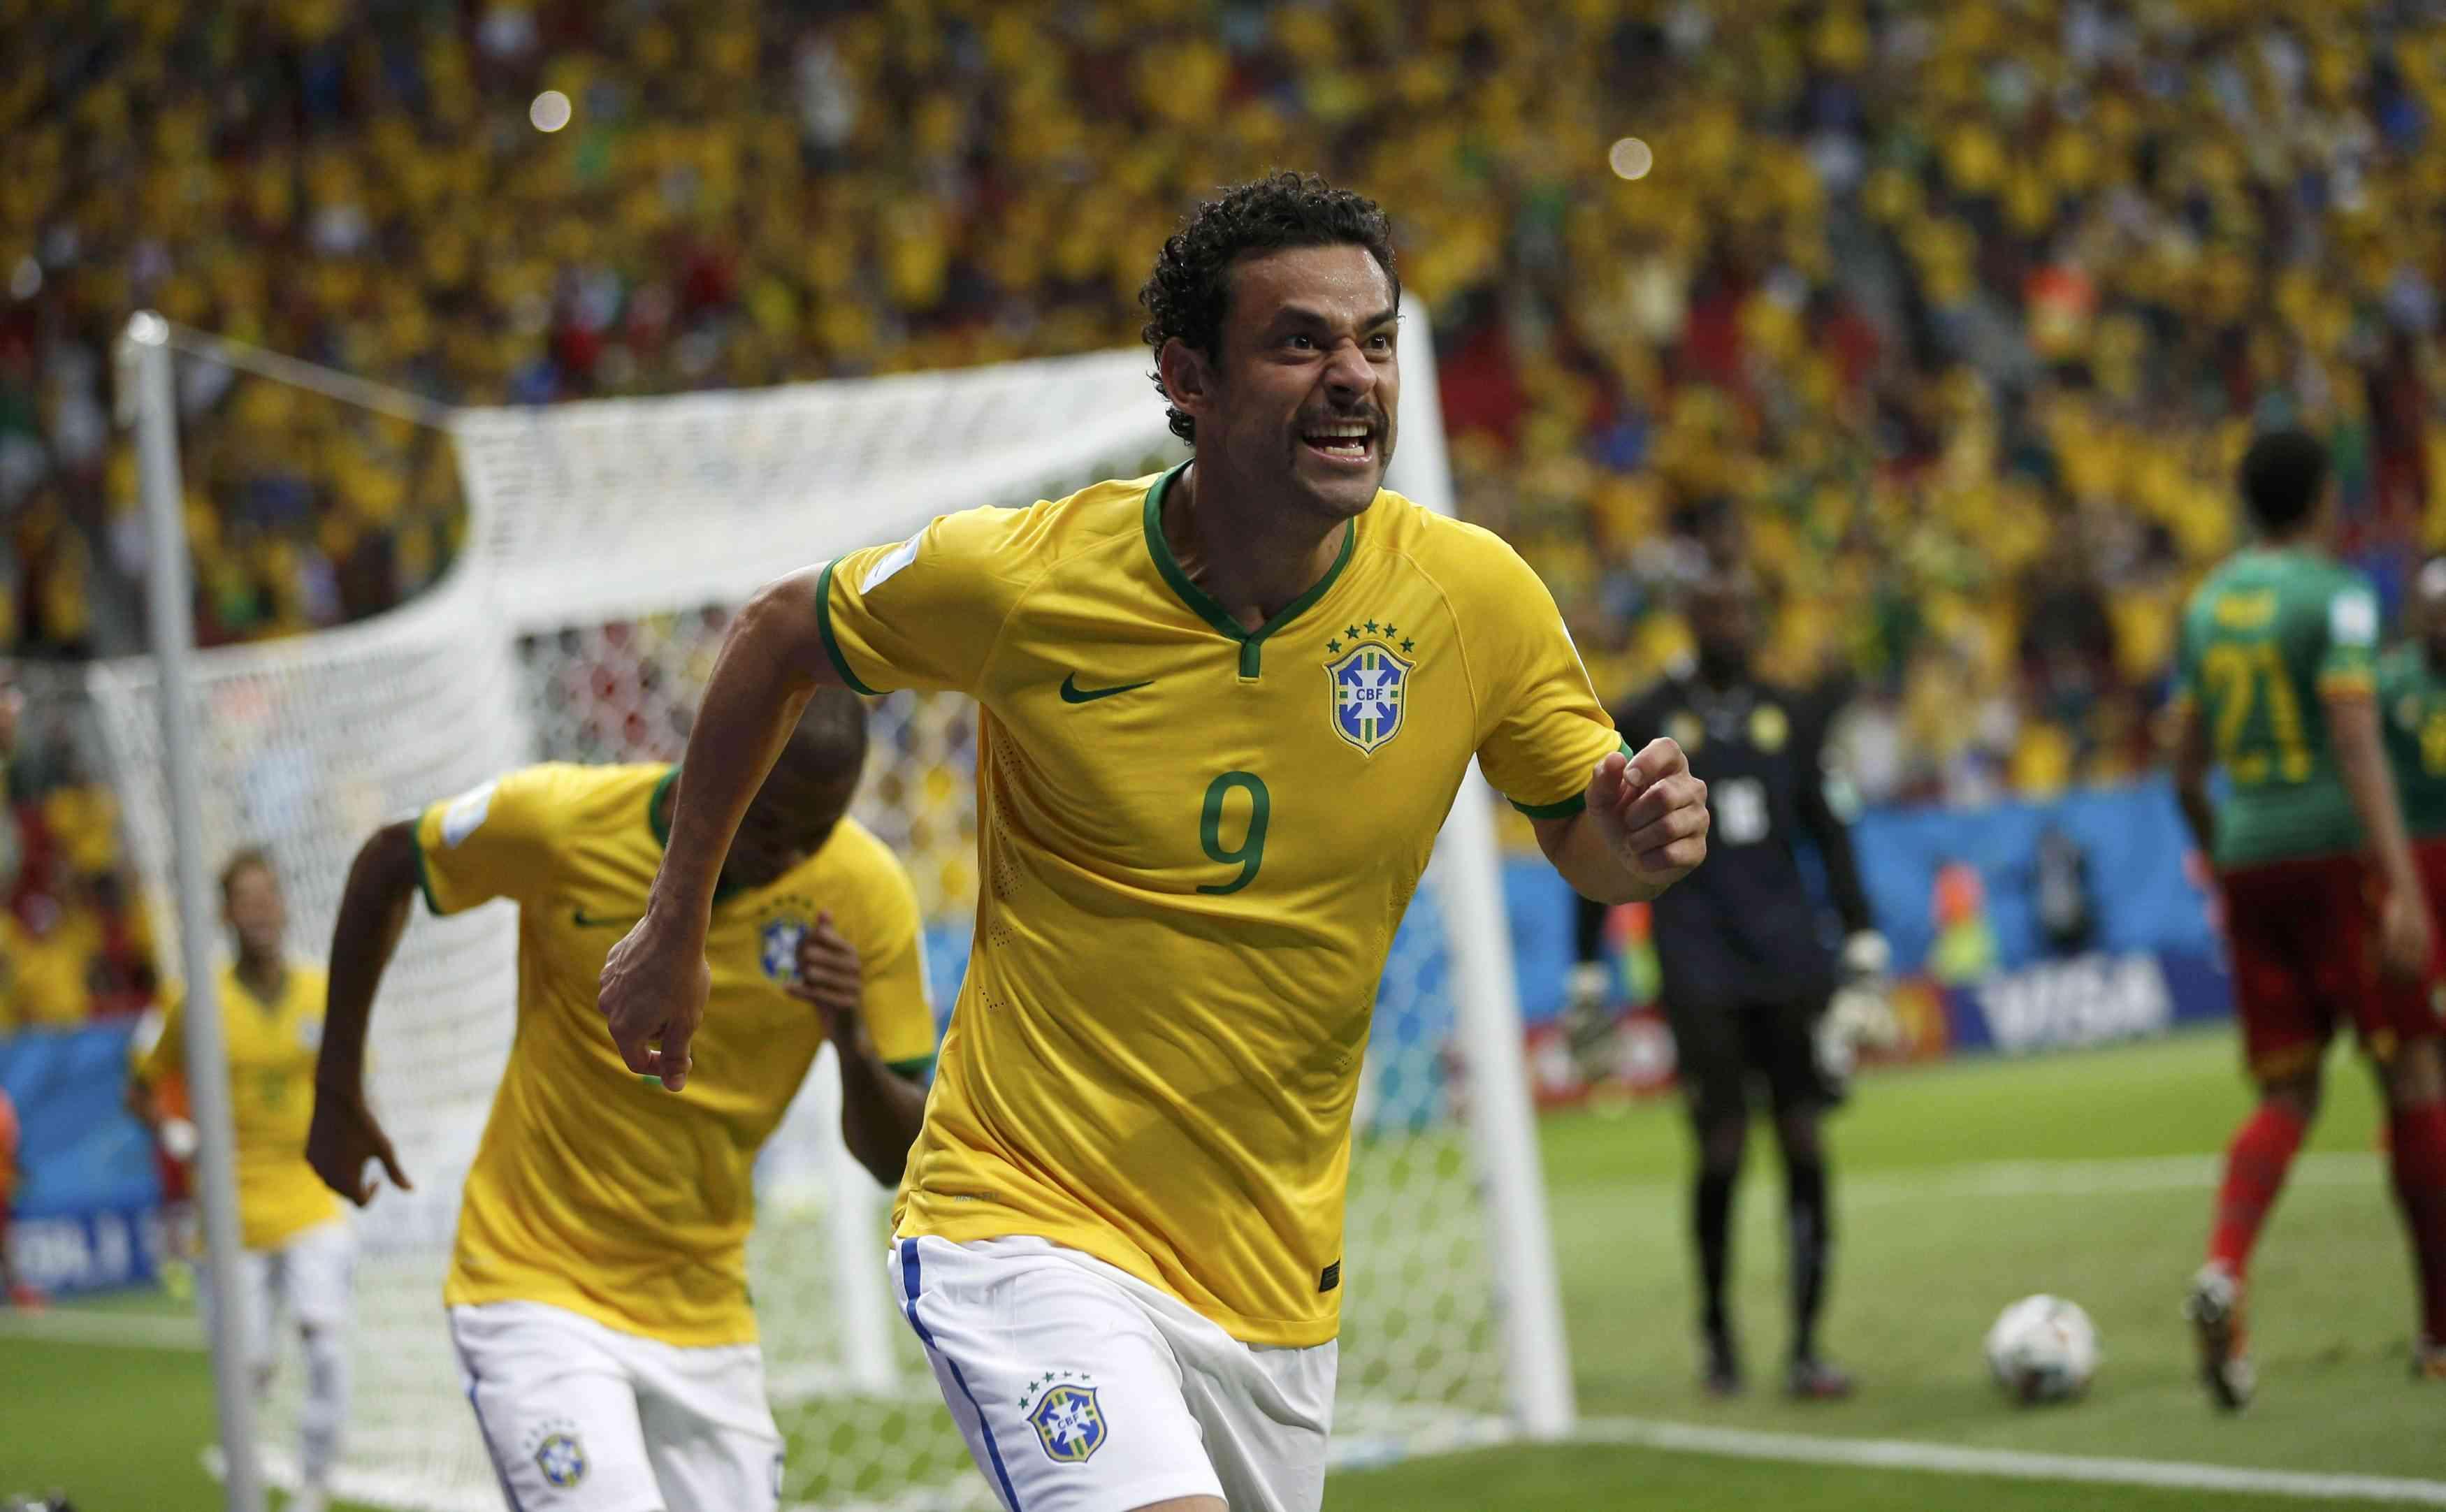 Бразилия разгромила Камерун на чемпионате мира